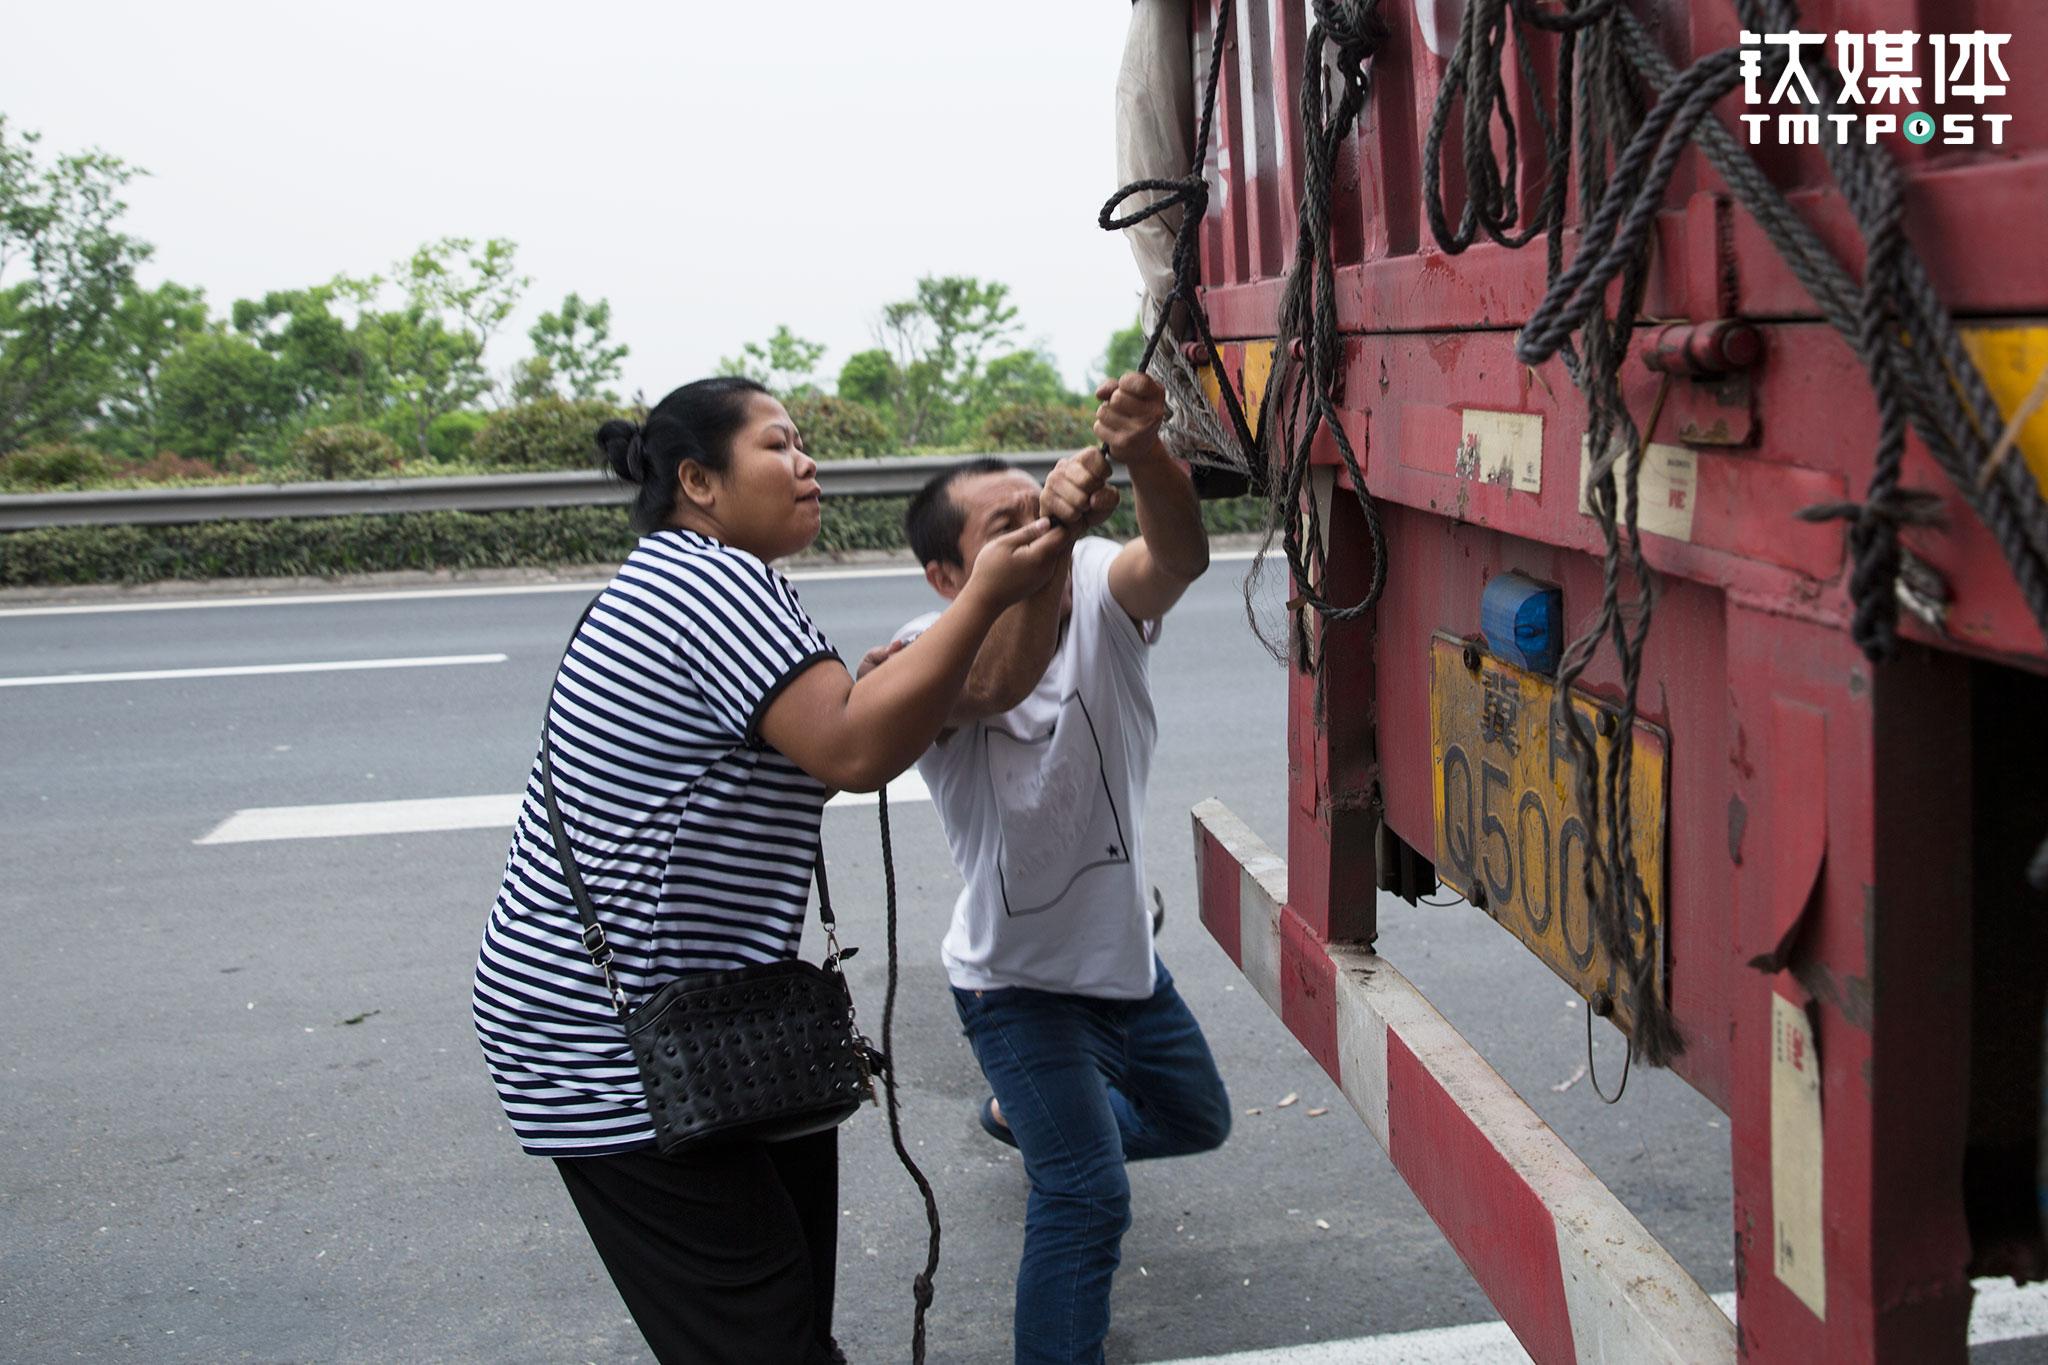 一路的颠簸,货仓的货都会有些松动,金强停下车,俩人在路边紧了紧仓栏的绑绳。